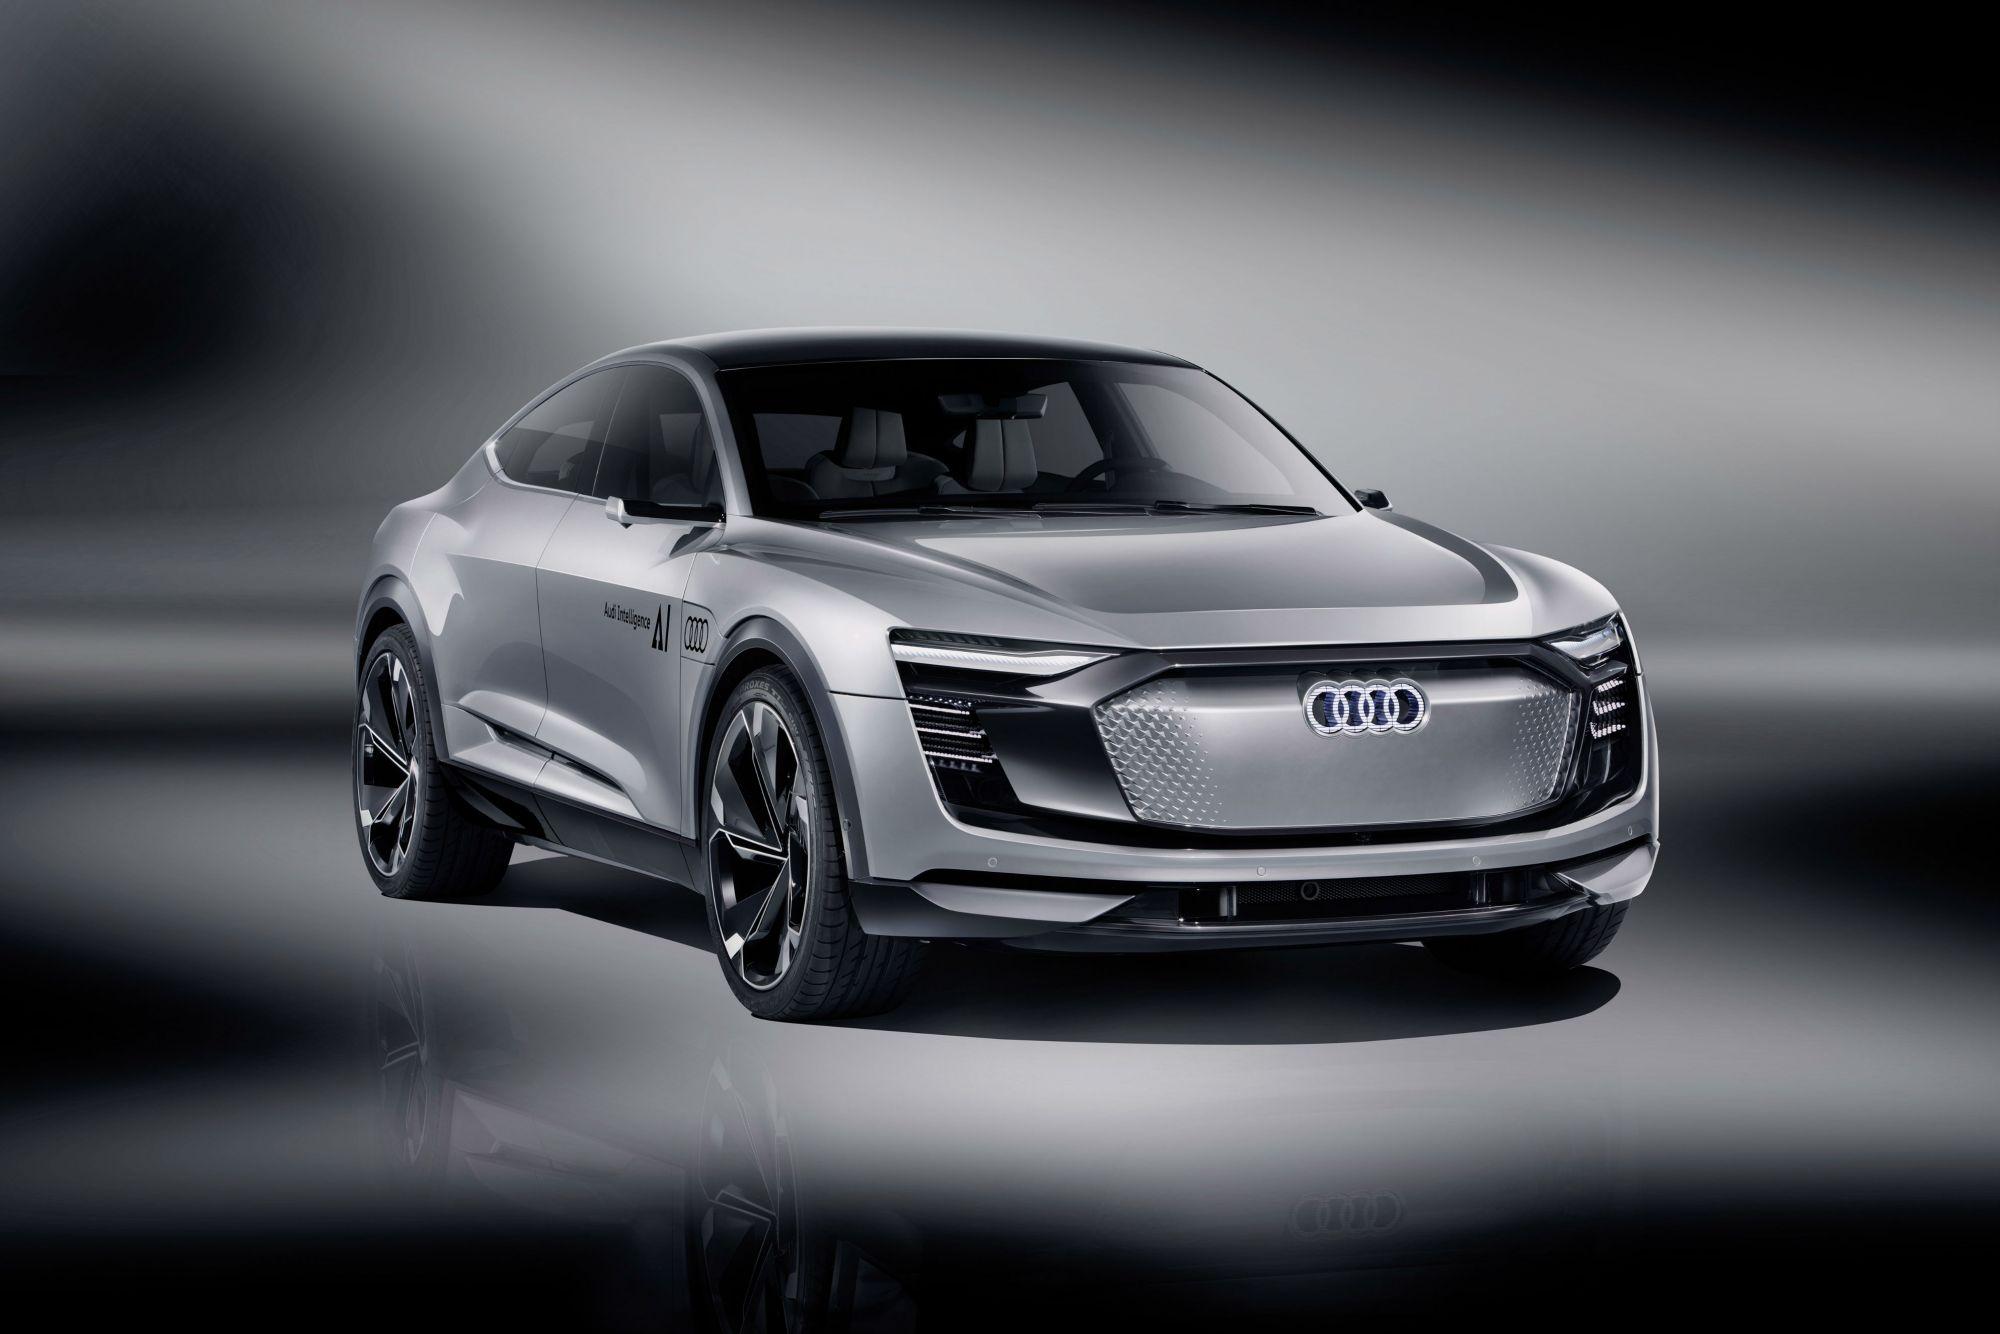 Glimpse Into The Future With Audi's AI